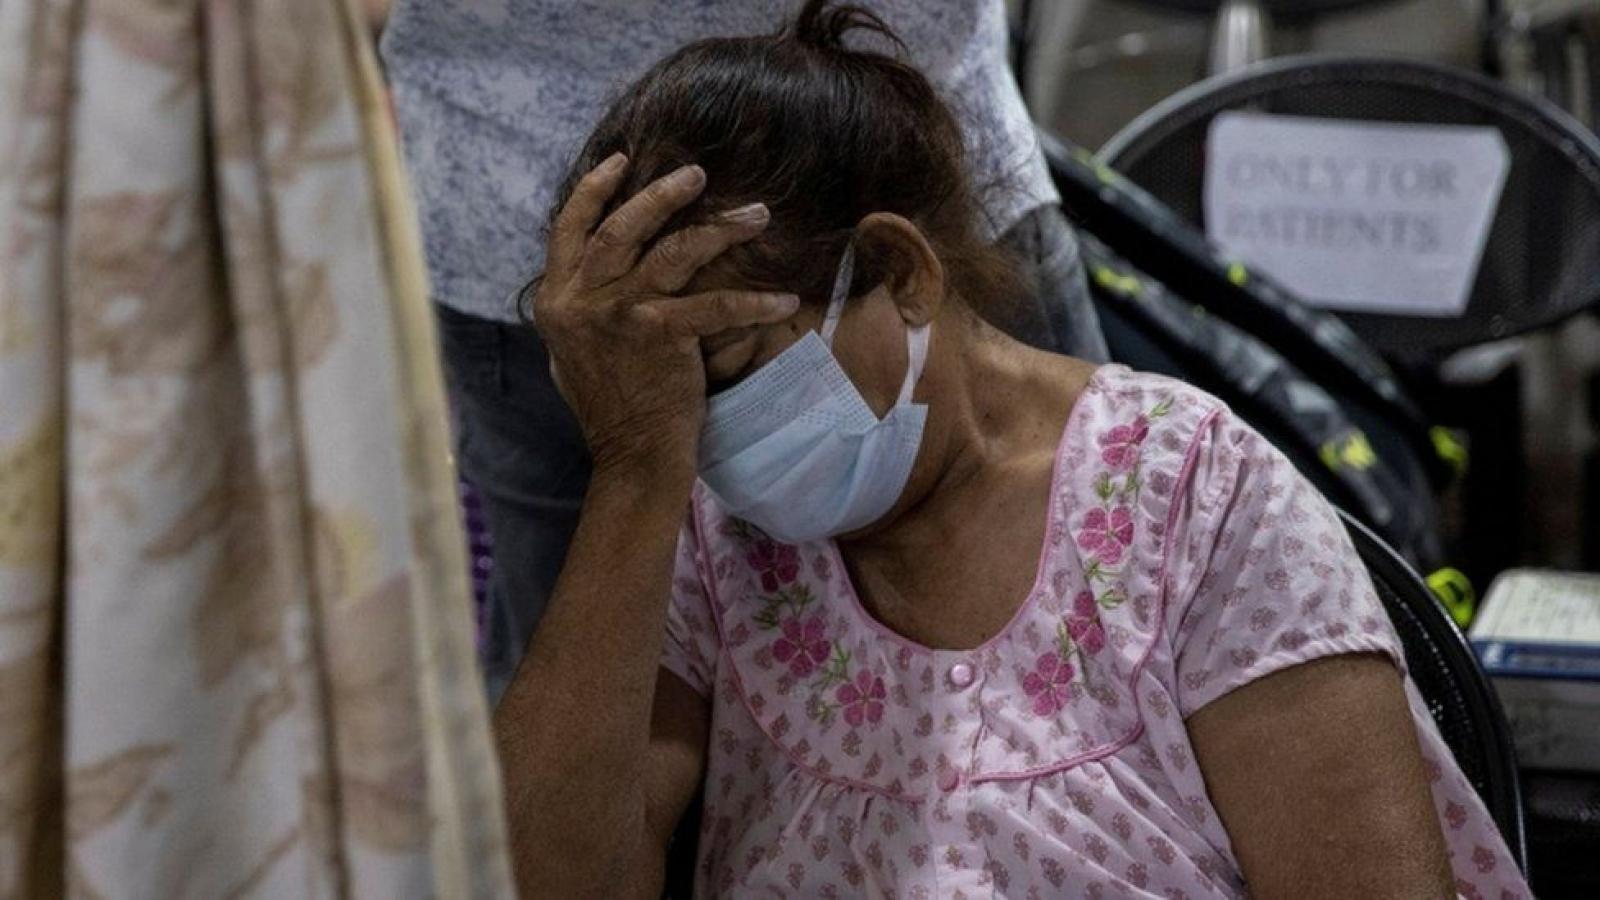 Chưa hết nấm đen, lại thêm nấm phổi aspergillosis, dịch chồng dịch ở Ấn Độ